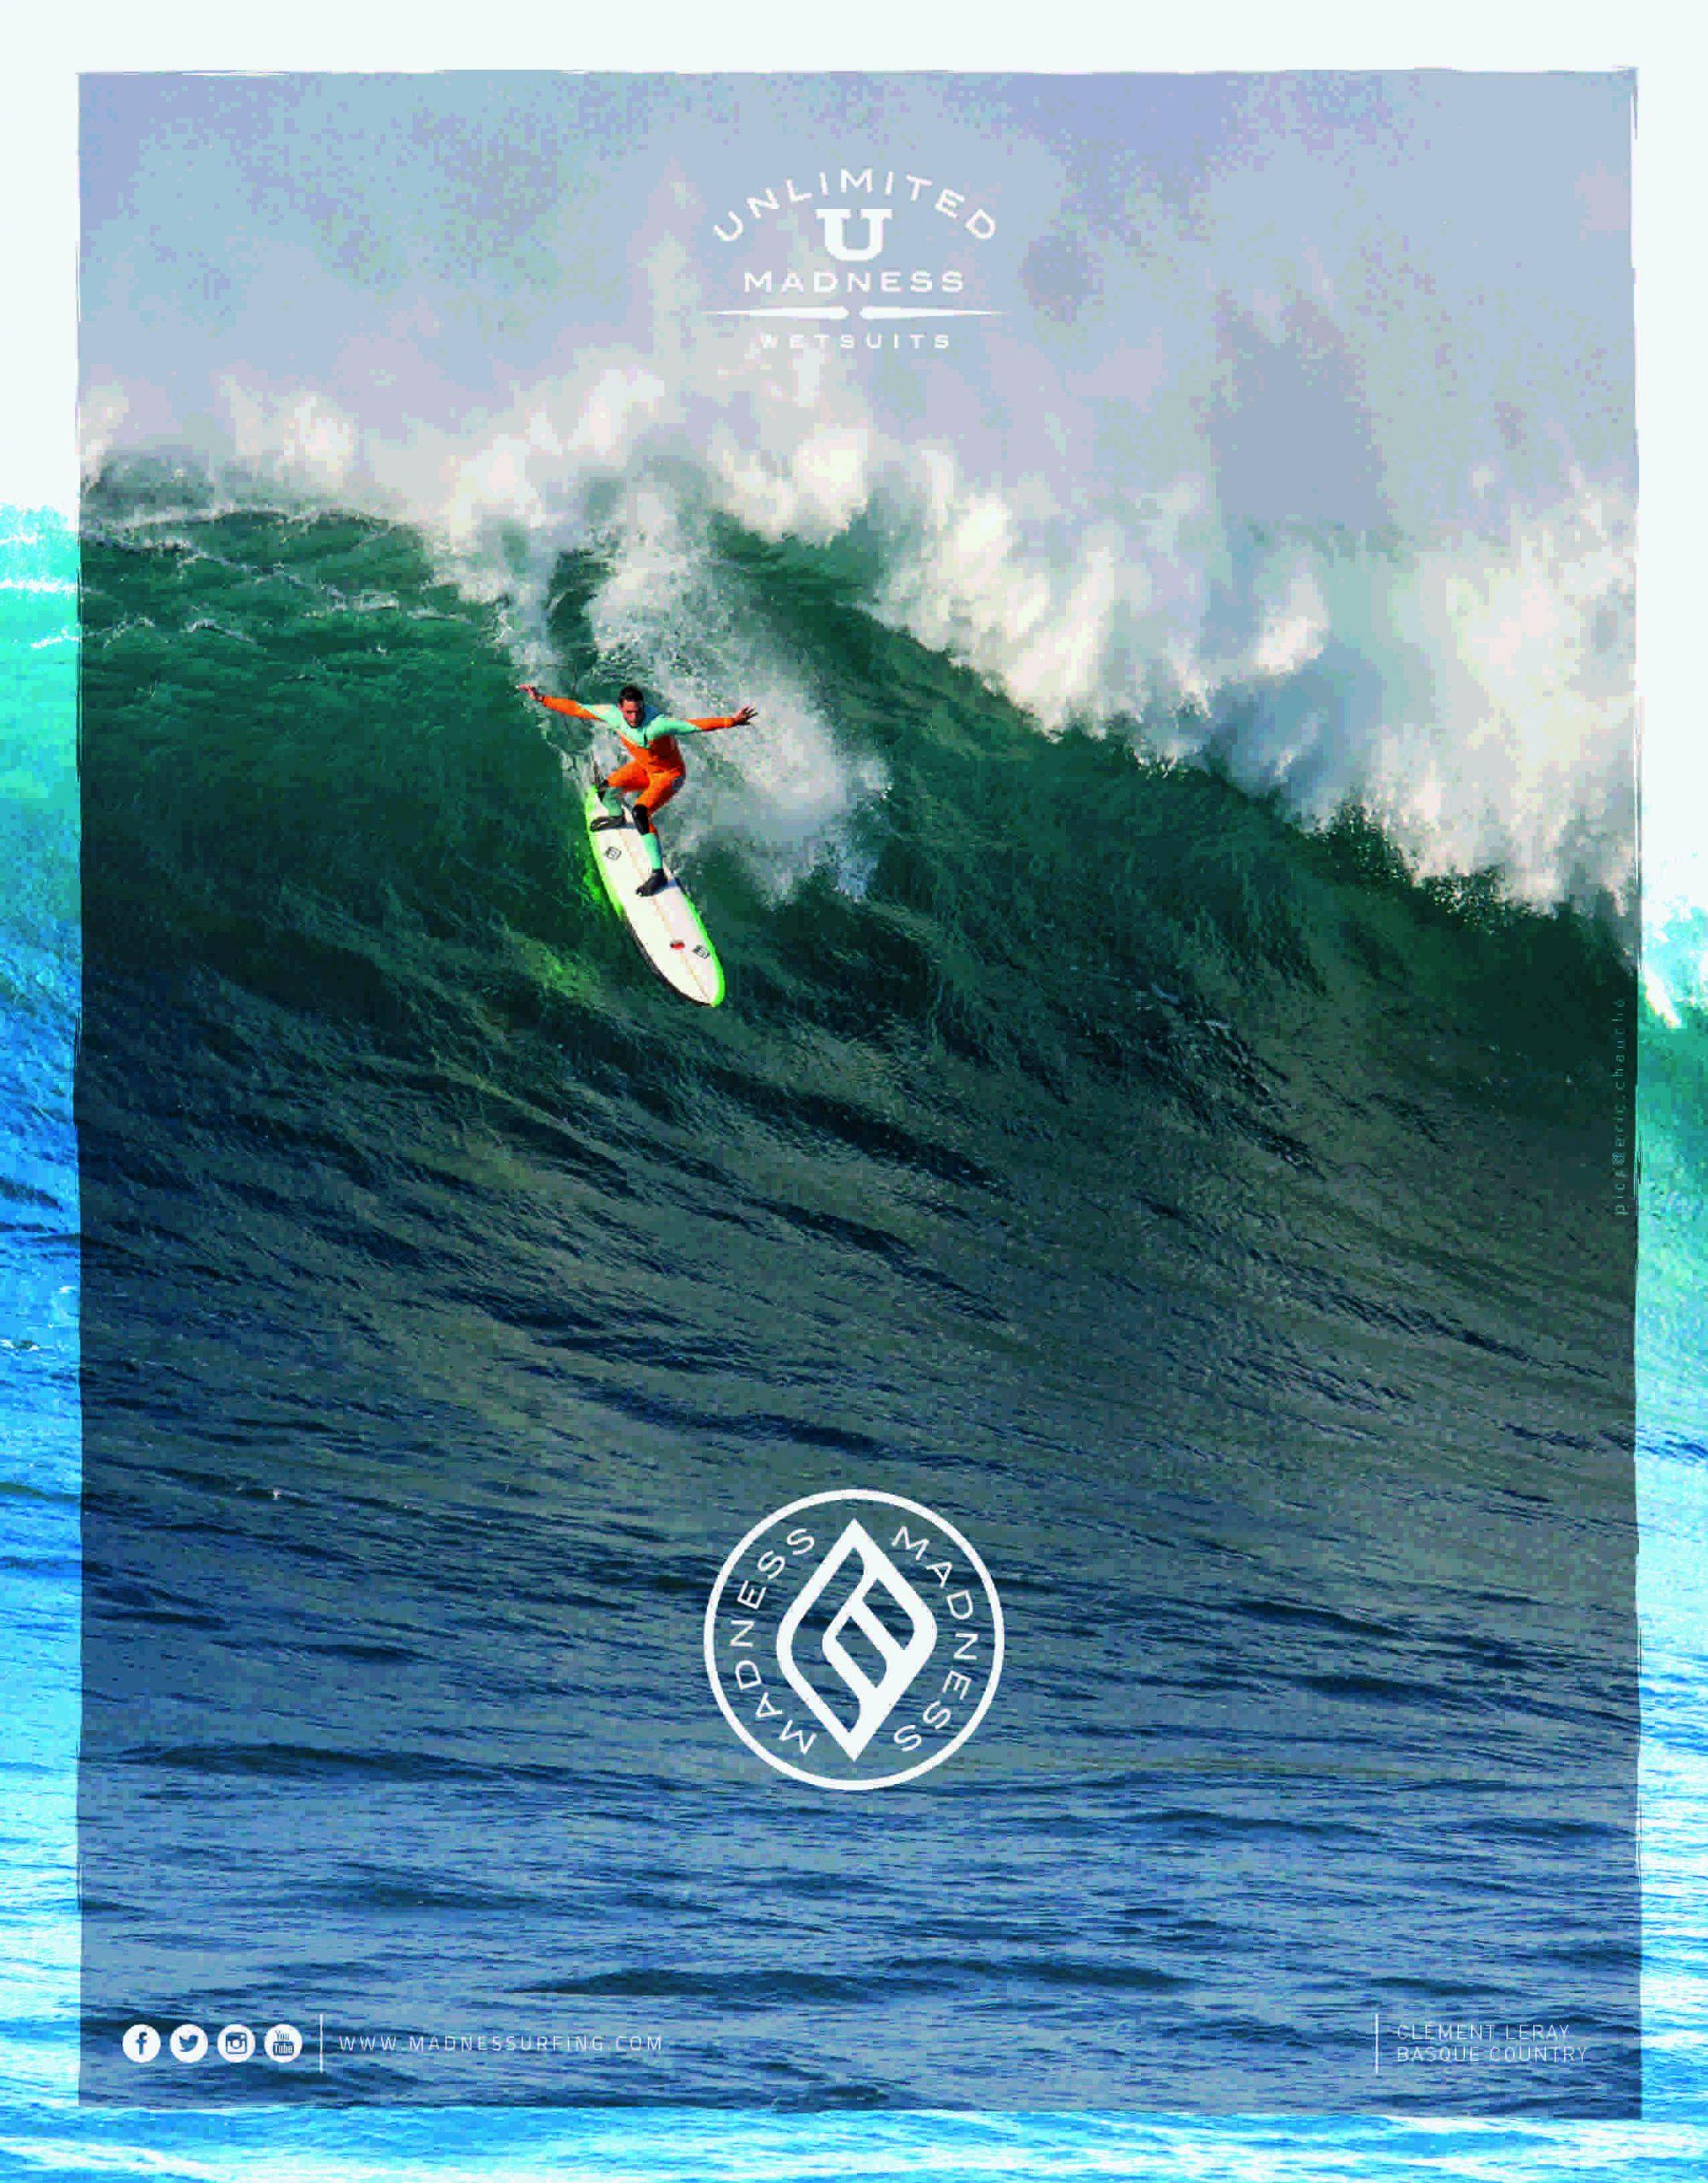 85 Madness SURF